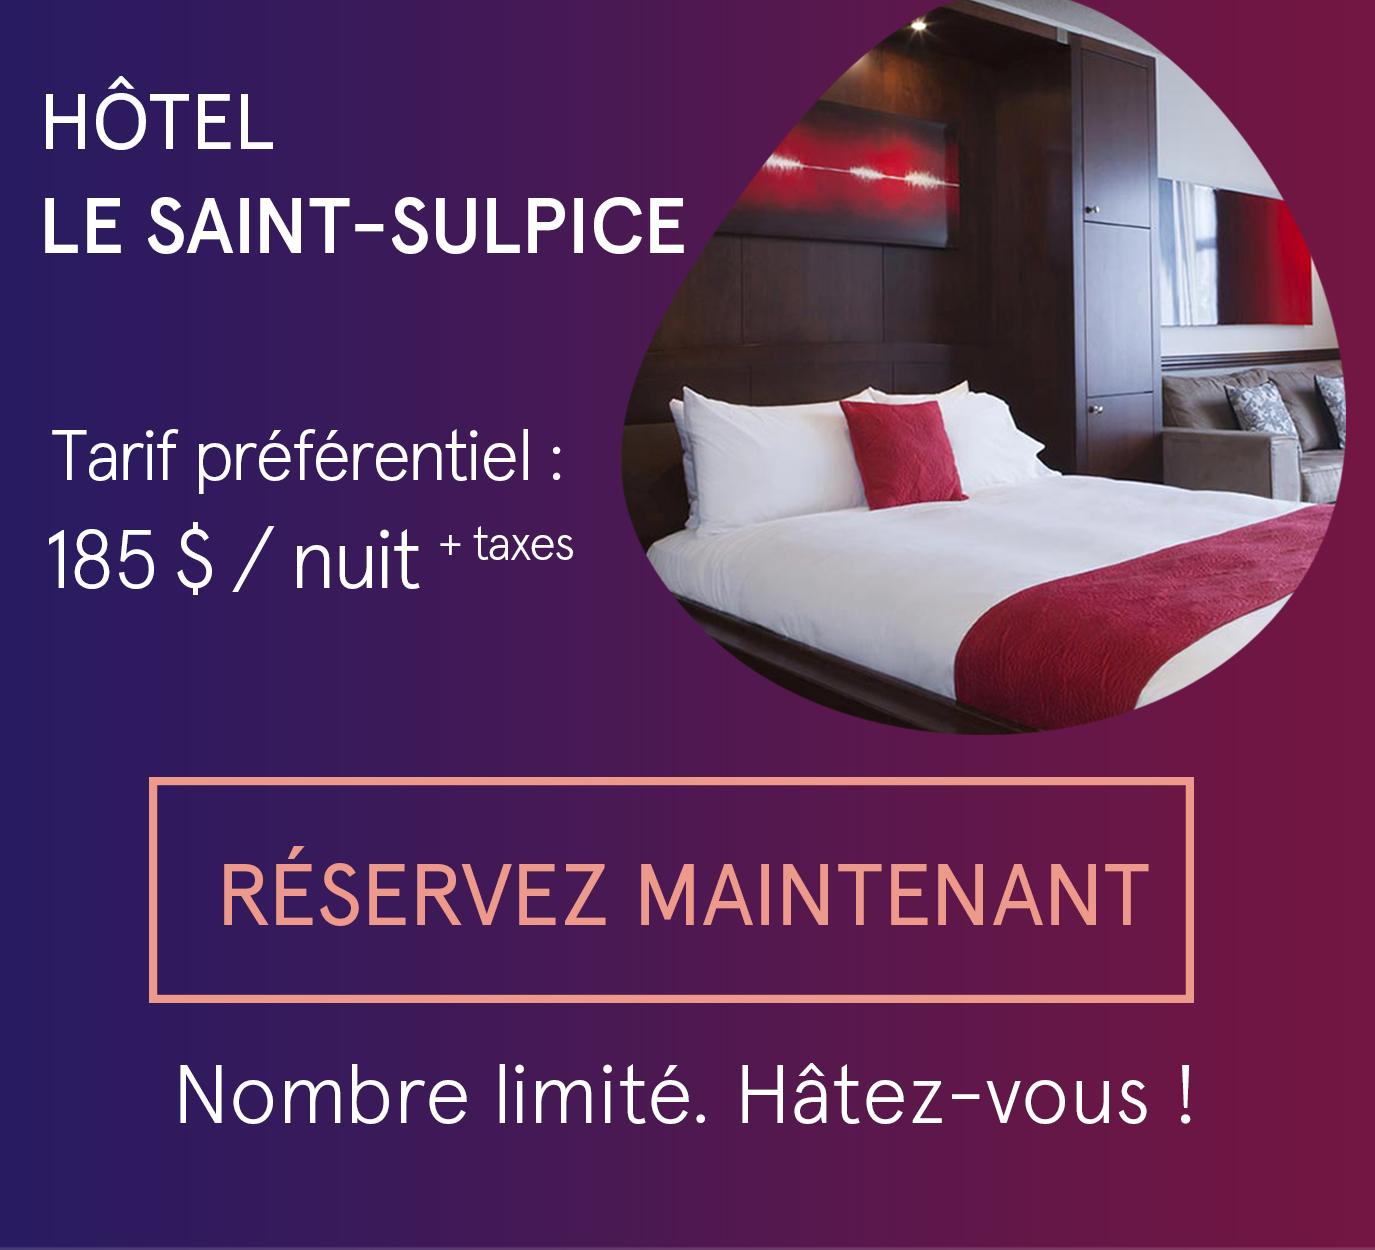 Hôtel Saint-Sulpice - tarif préférentiel